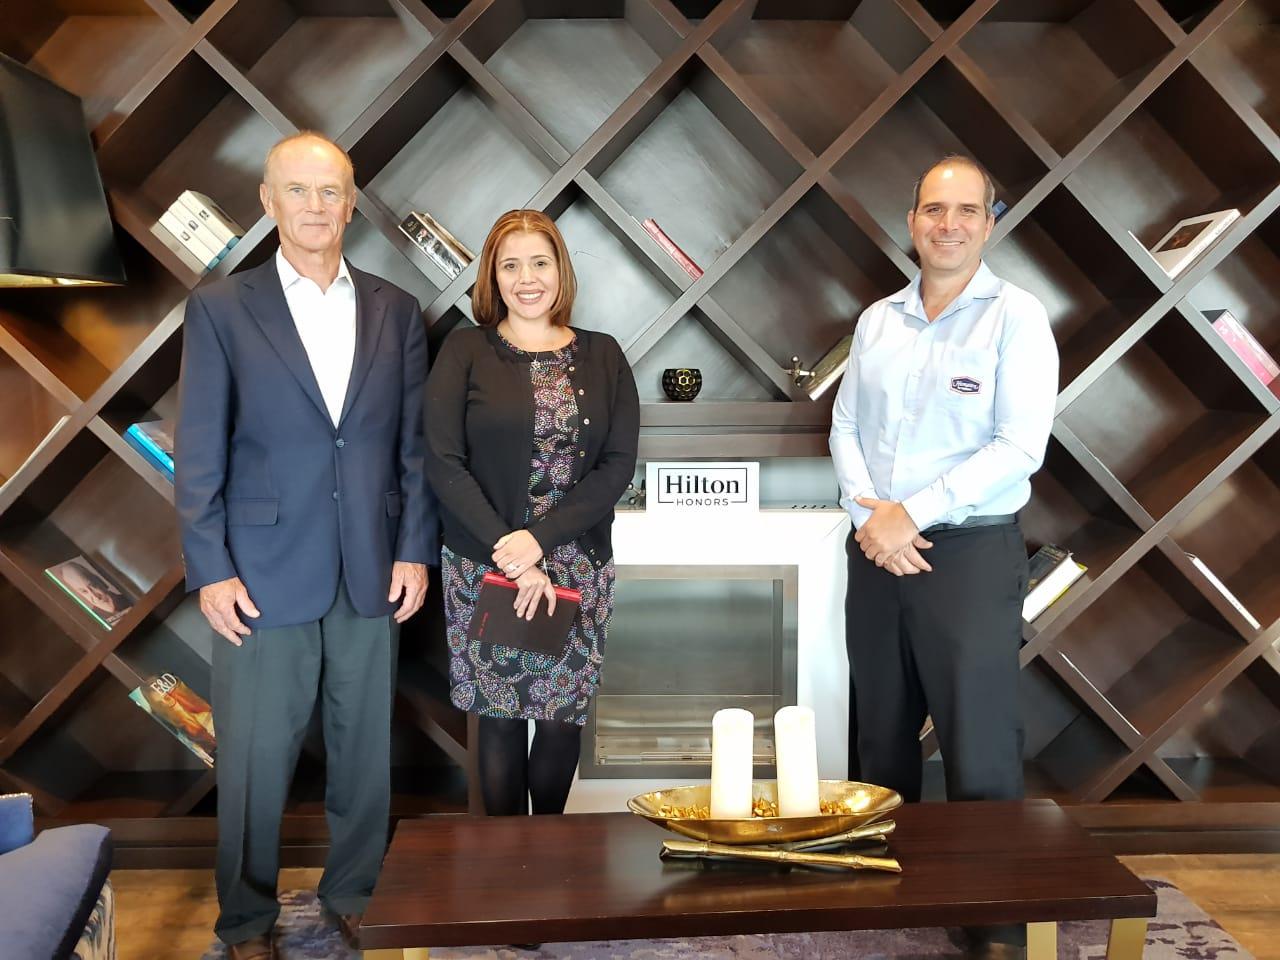 Hampton by Hilton Santa Cruz obtiene el primer lugar en el Ranking de Hamptons de las Américas destacando en calidad y servicio